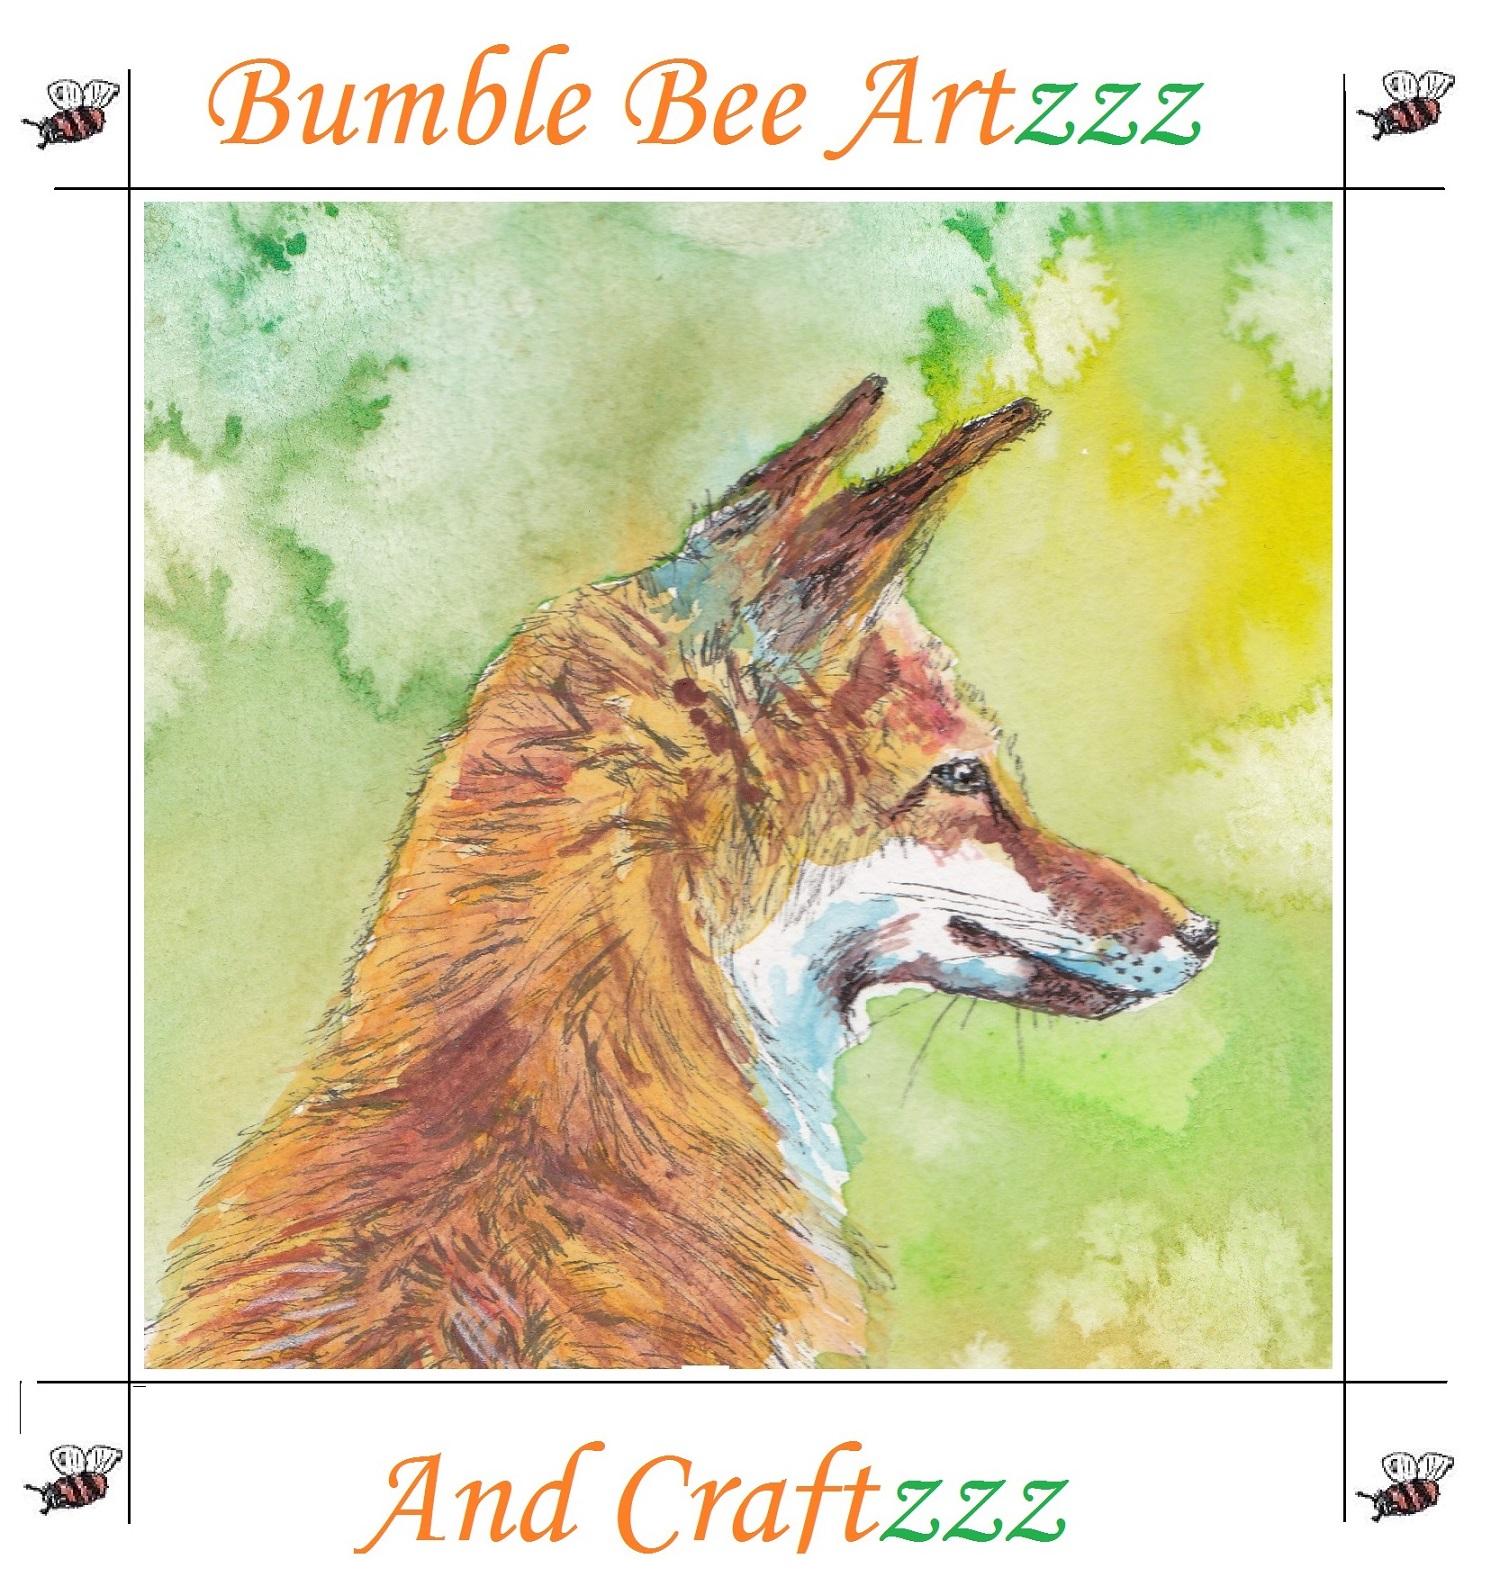 Bumble Bee Artzzz